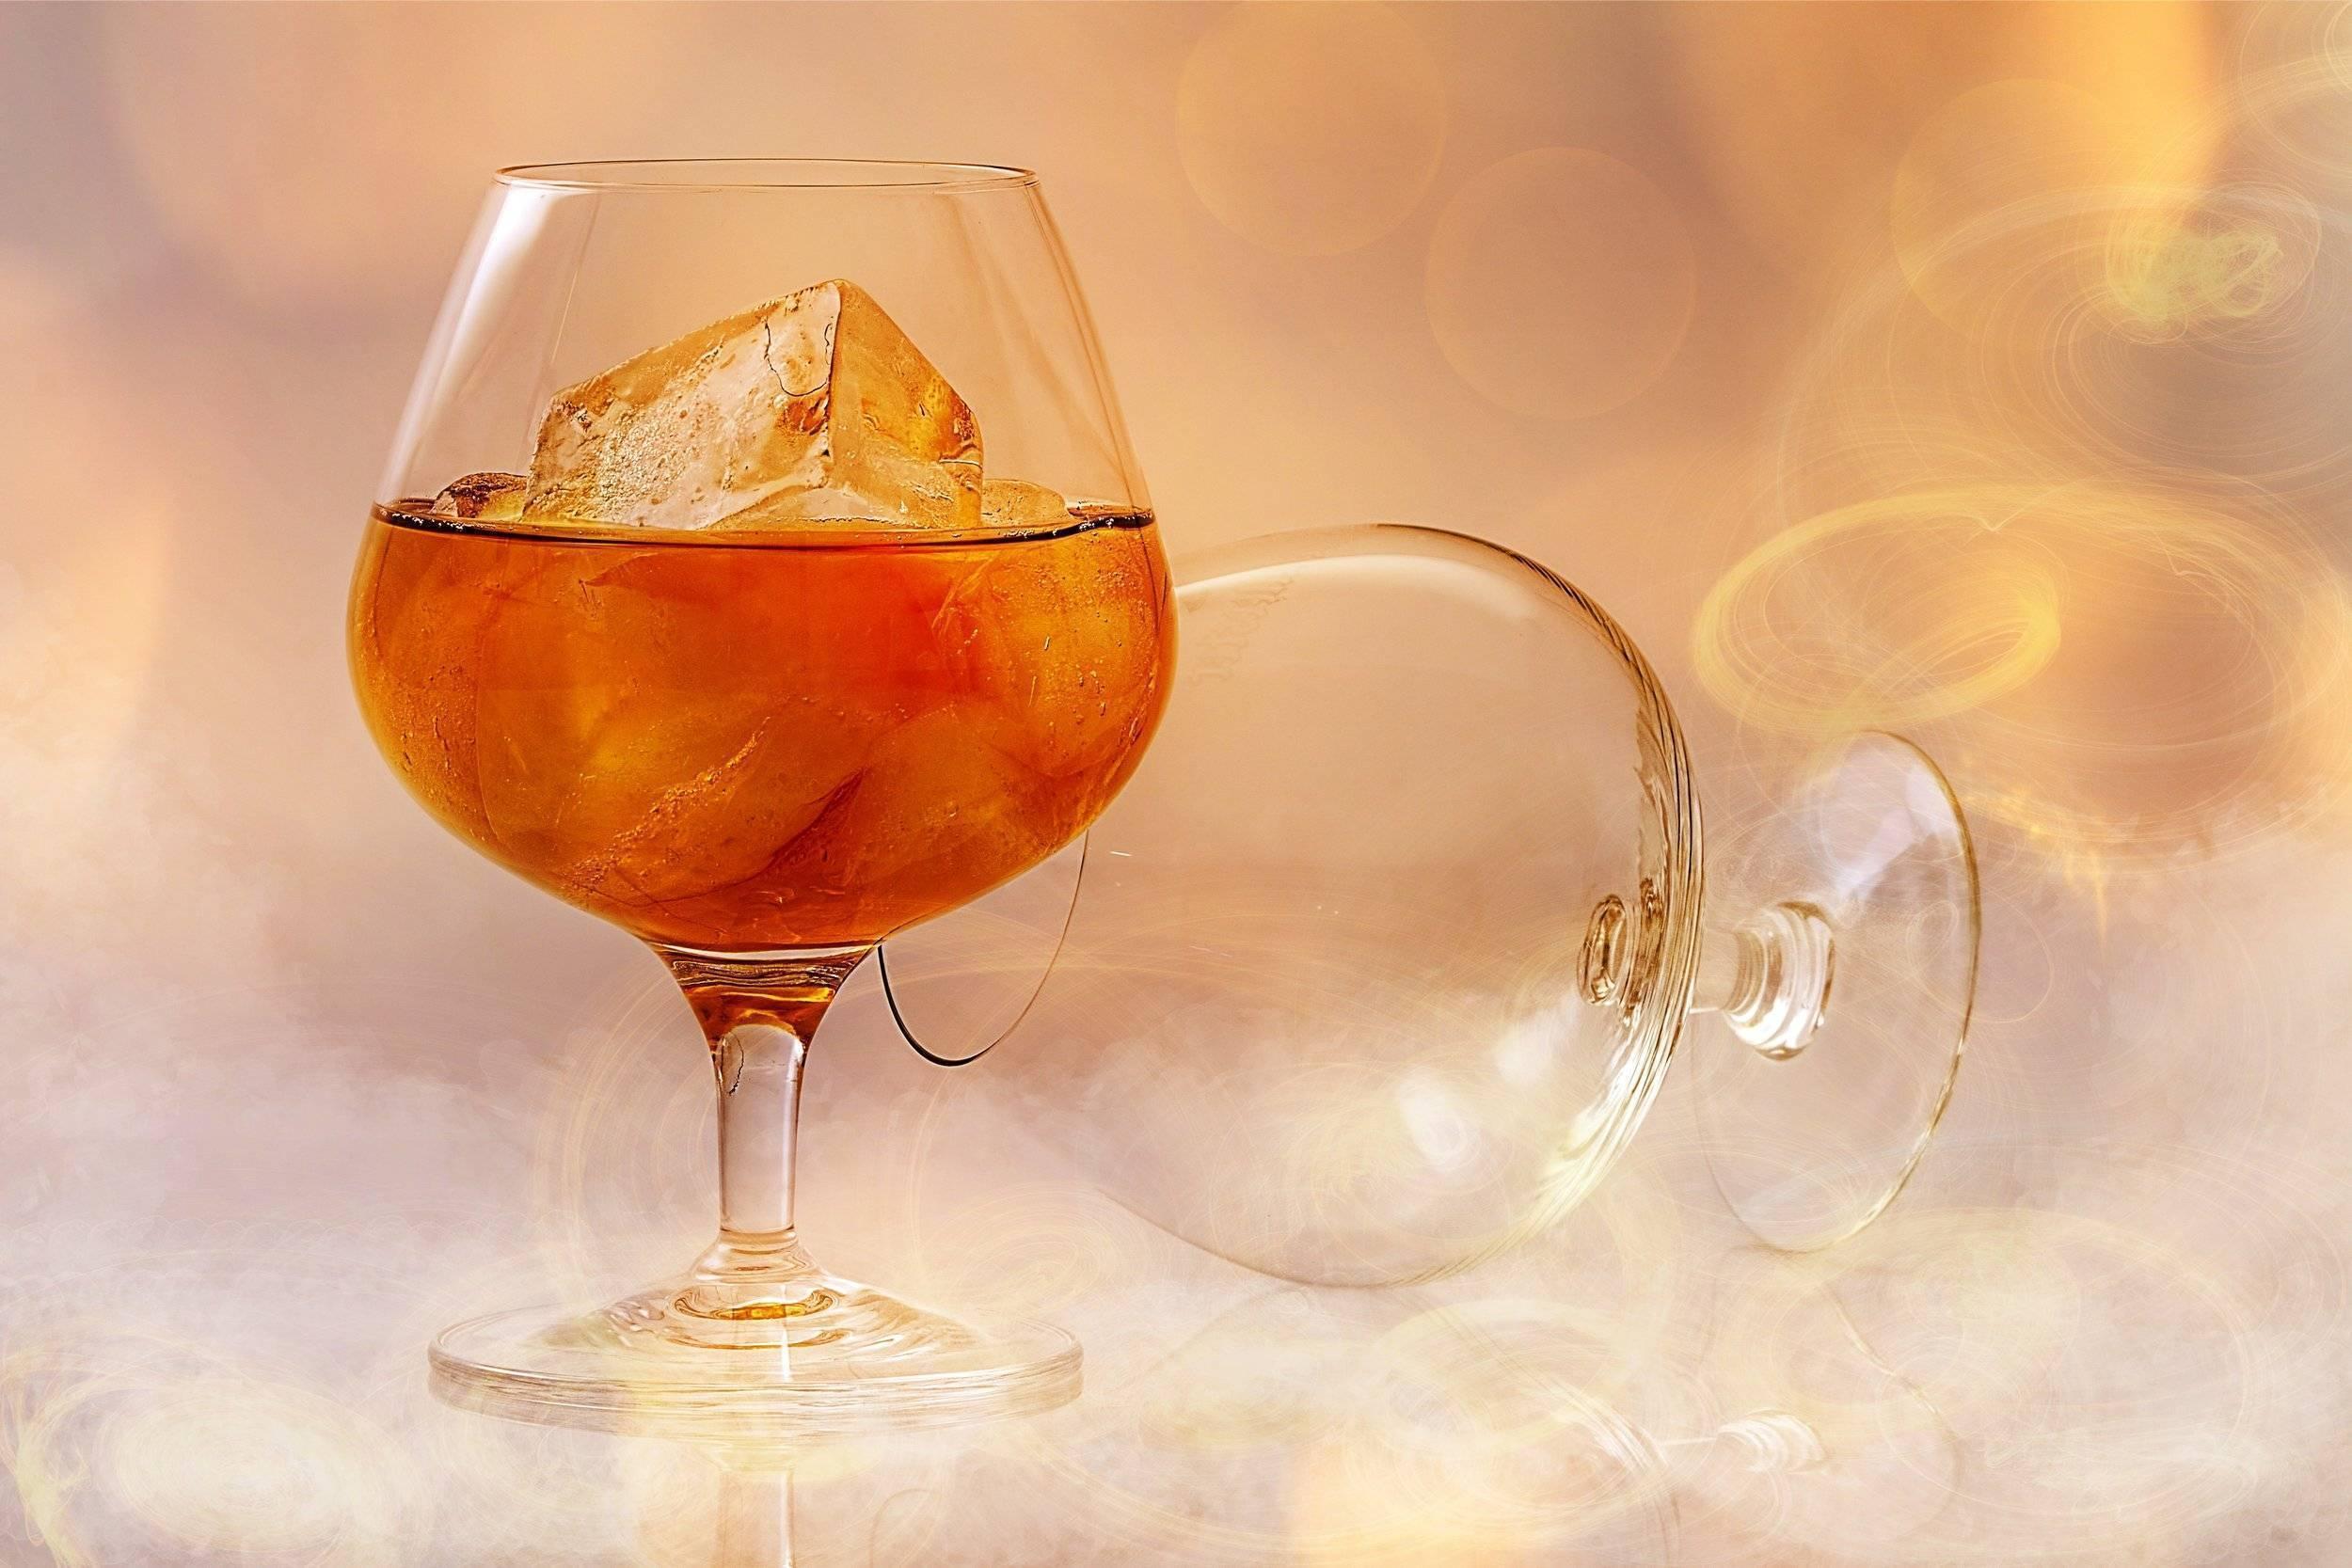 Правила употребления и подачи бренди, рецепты коктейлей